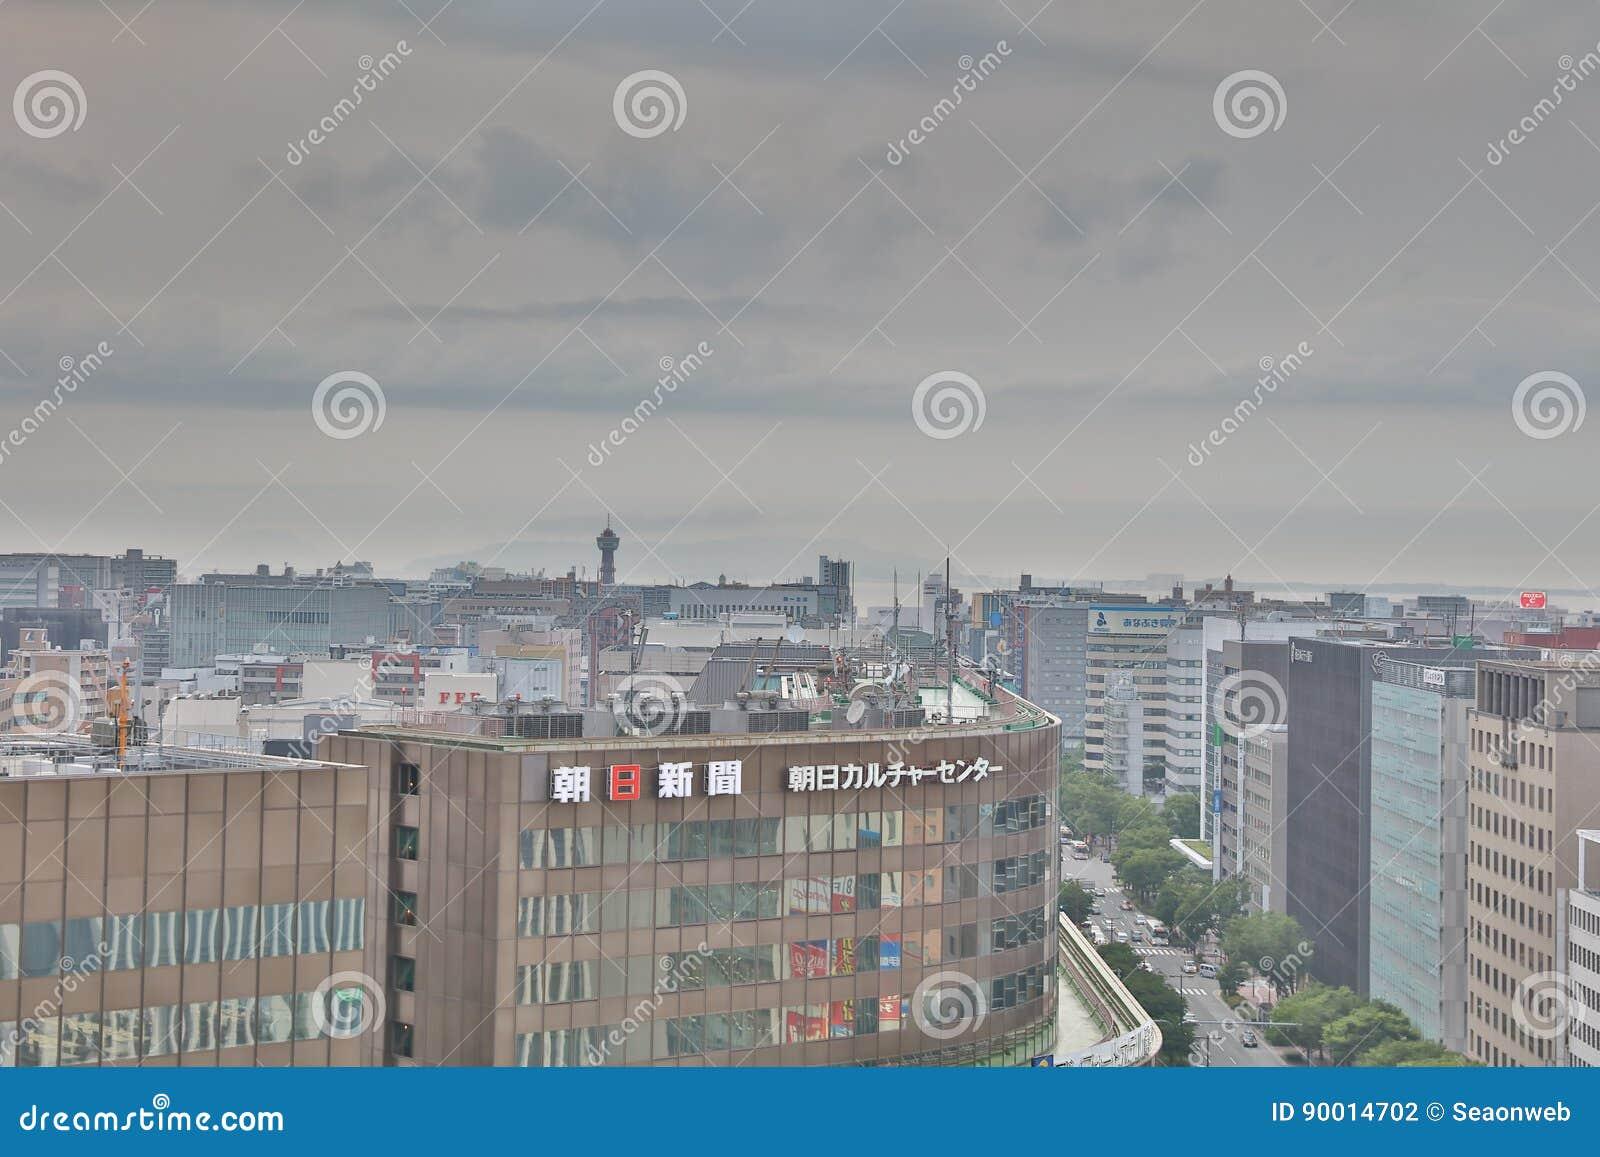 Fukuoka es la ciudad más grande de Kyushu